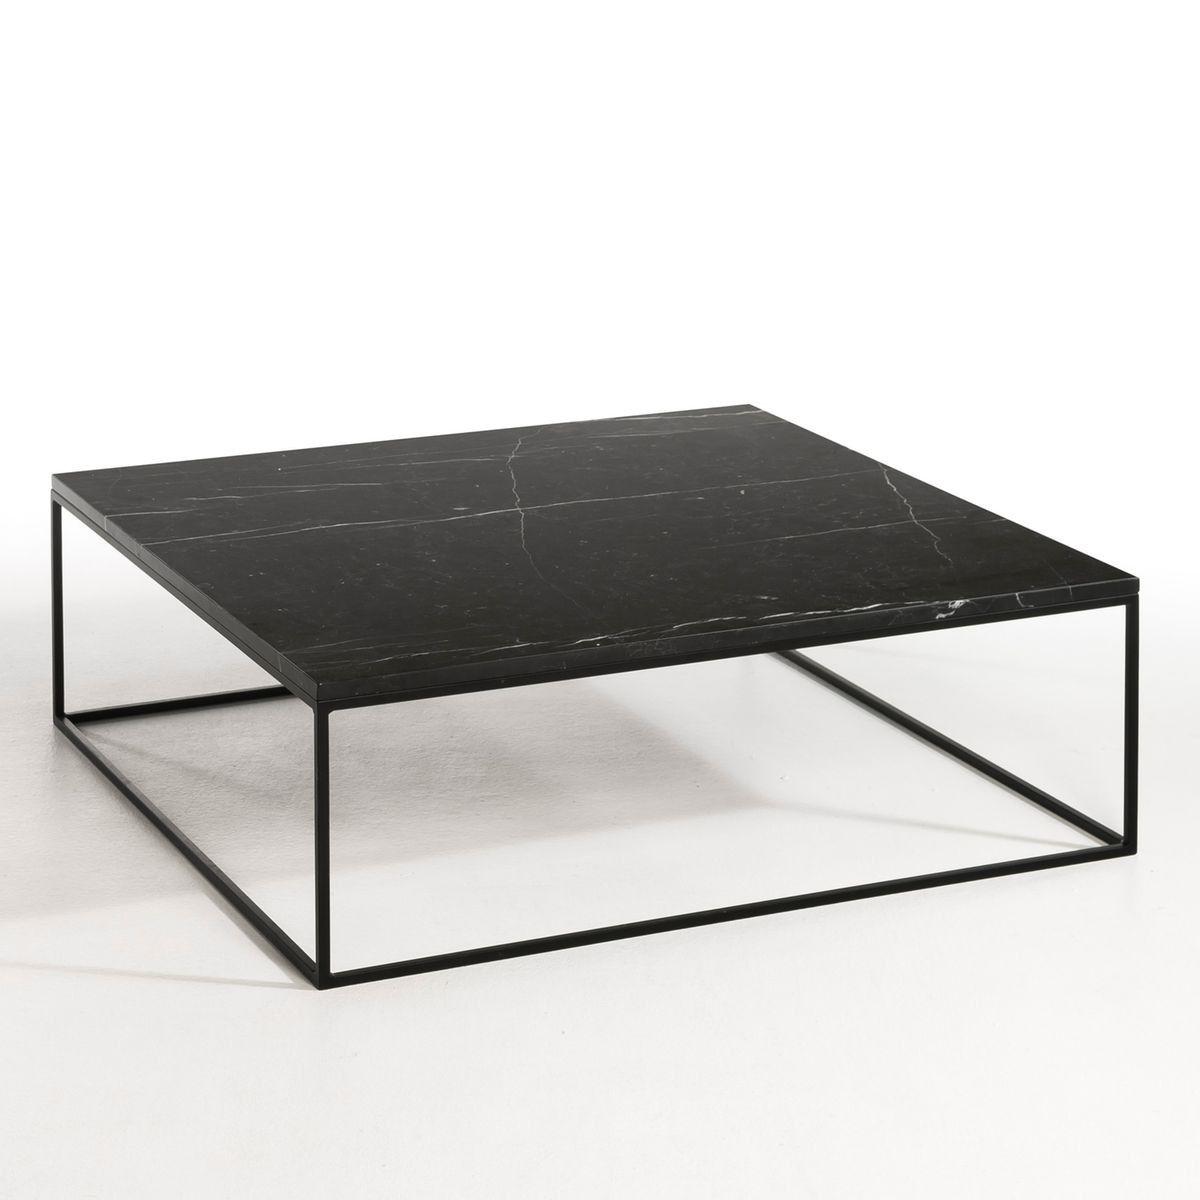 Table Basse Metal Noir Et Marbre Mahaut Marbre Noir Am Pm La Redoute En 2020 Table Basse Metal Table Basse Marbre Table Basse